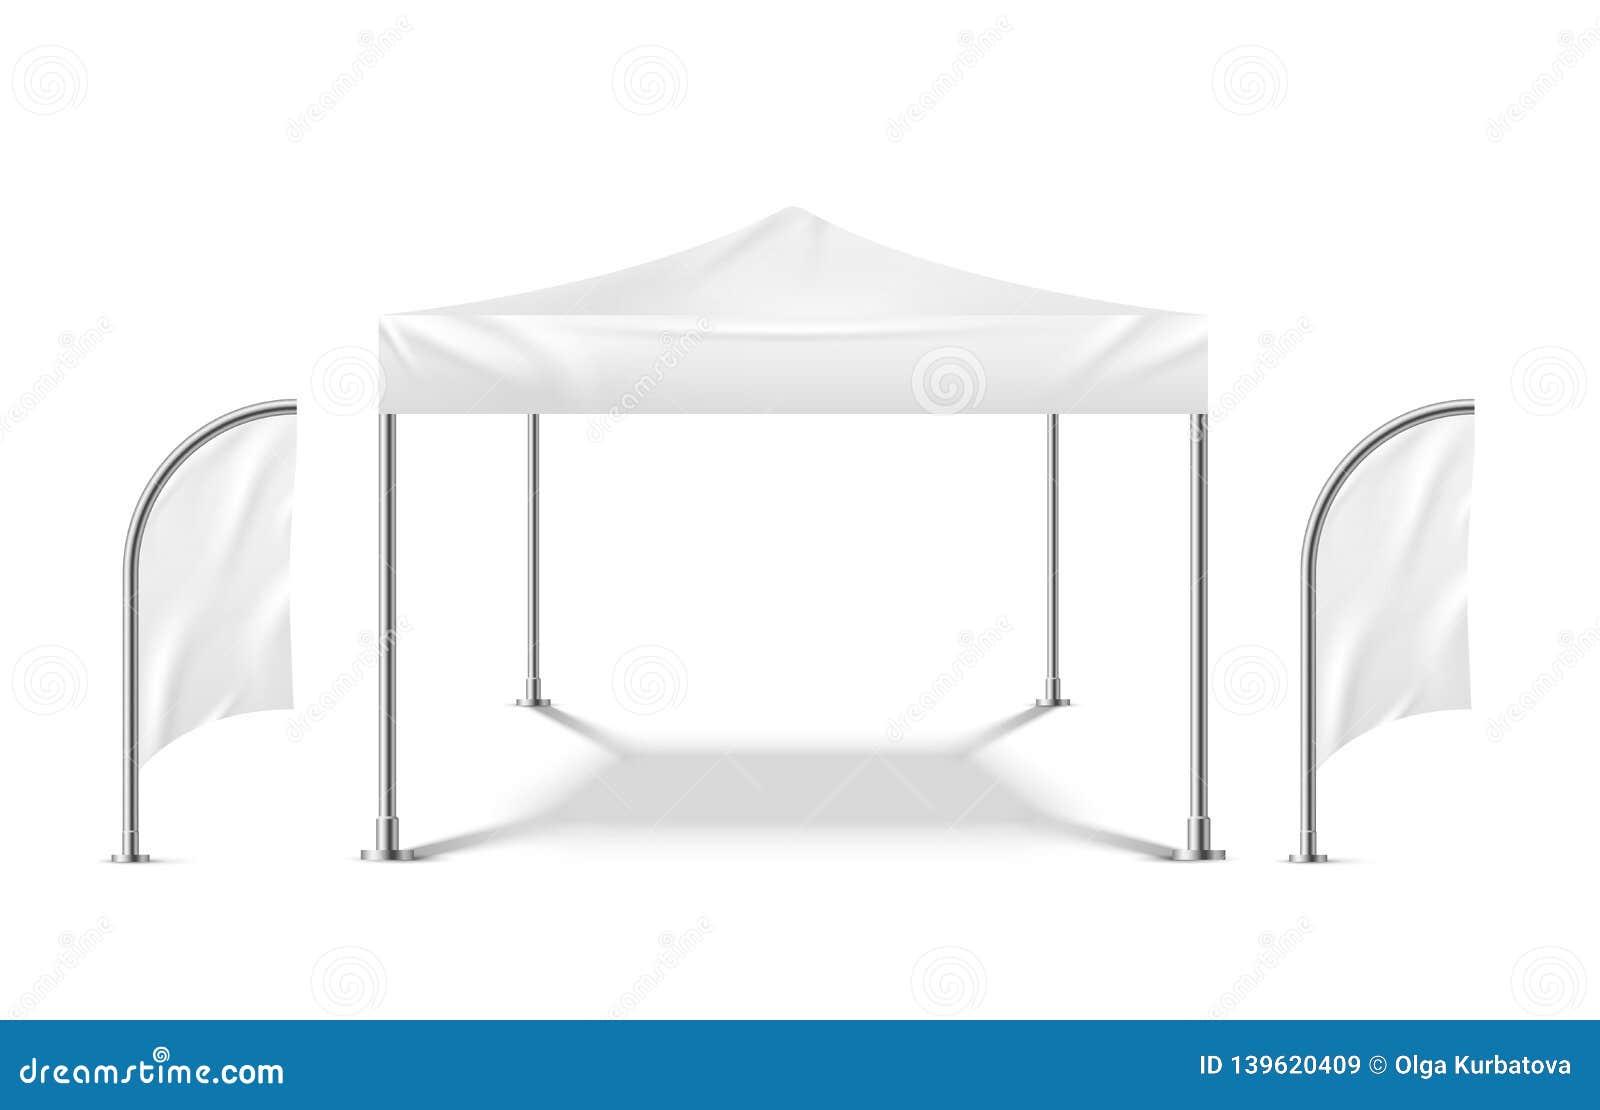 Белый шатер с флагами Шаблон шатра партии на открытом воздухе материального павильона события пляжа модель-макета шатра Promo моб